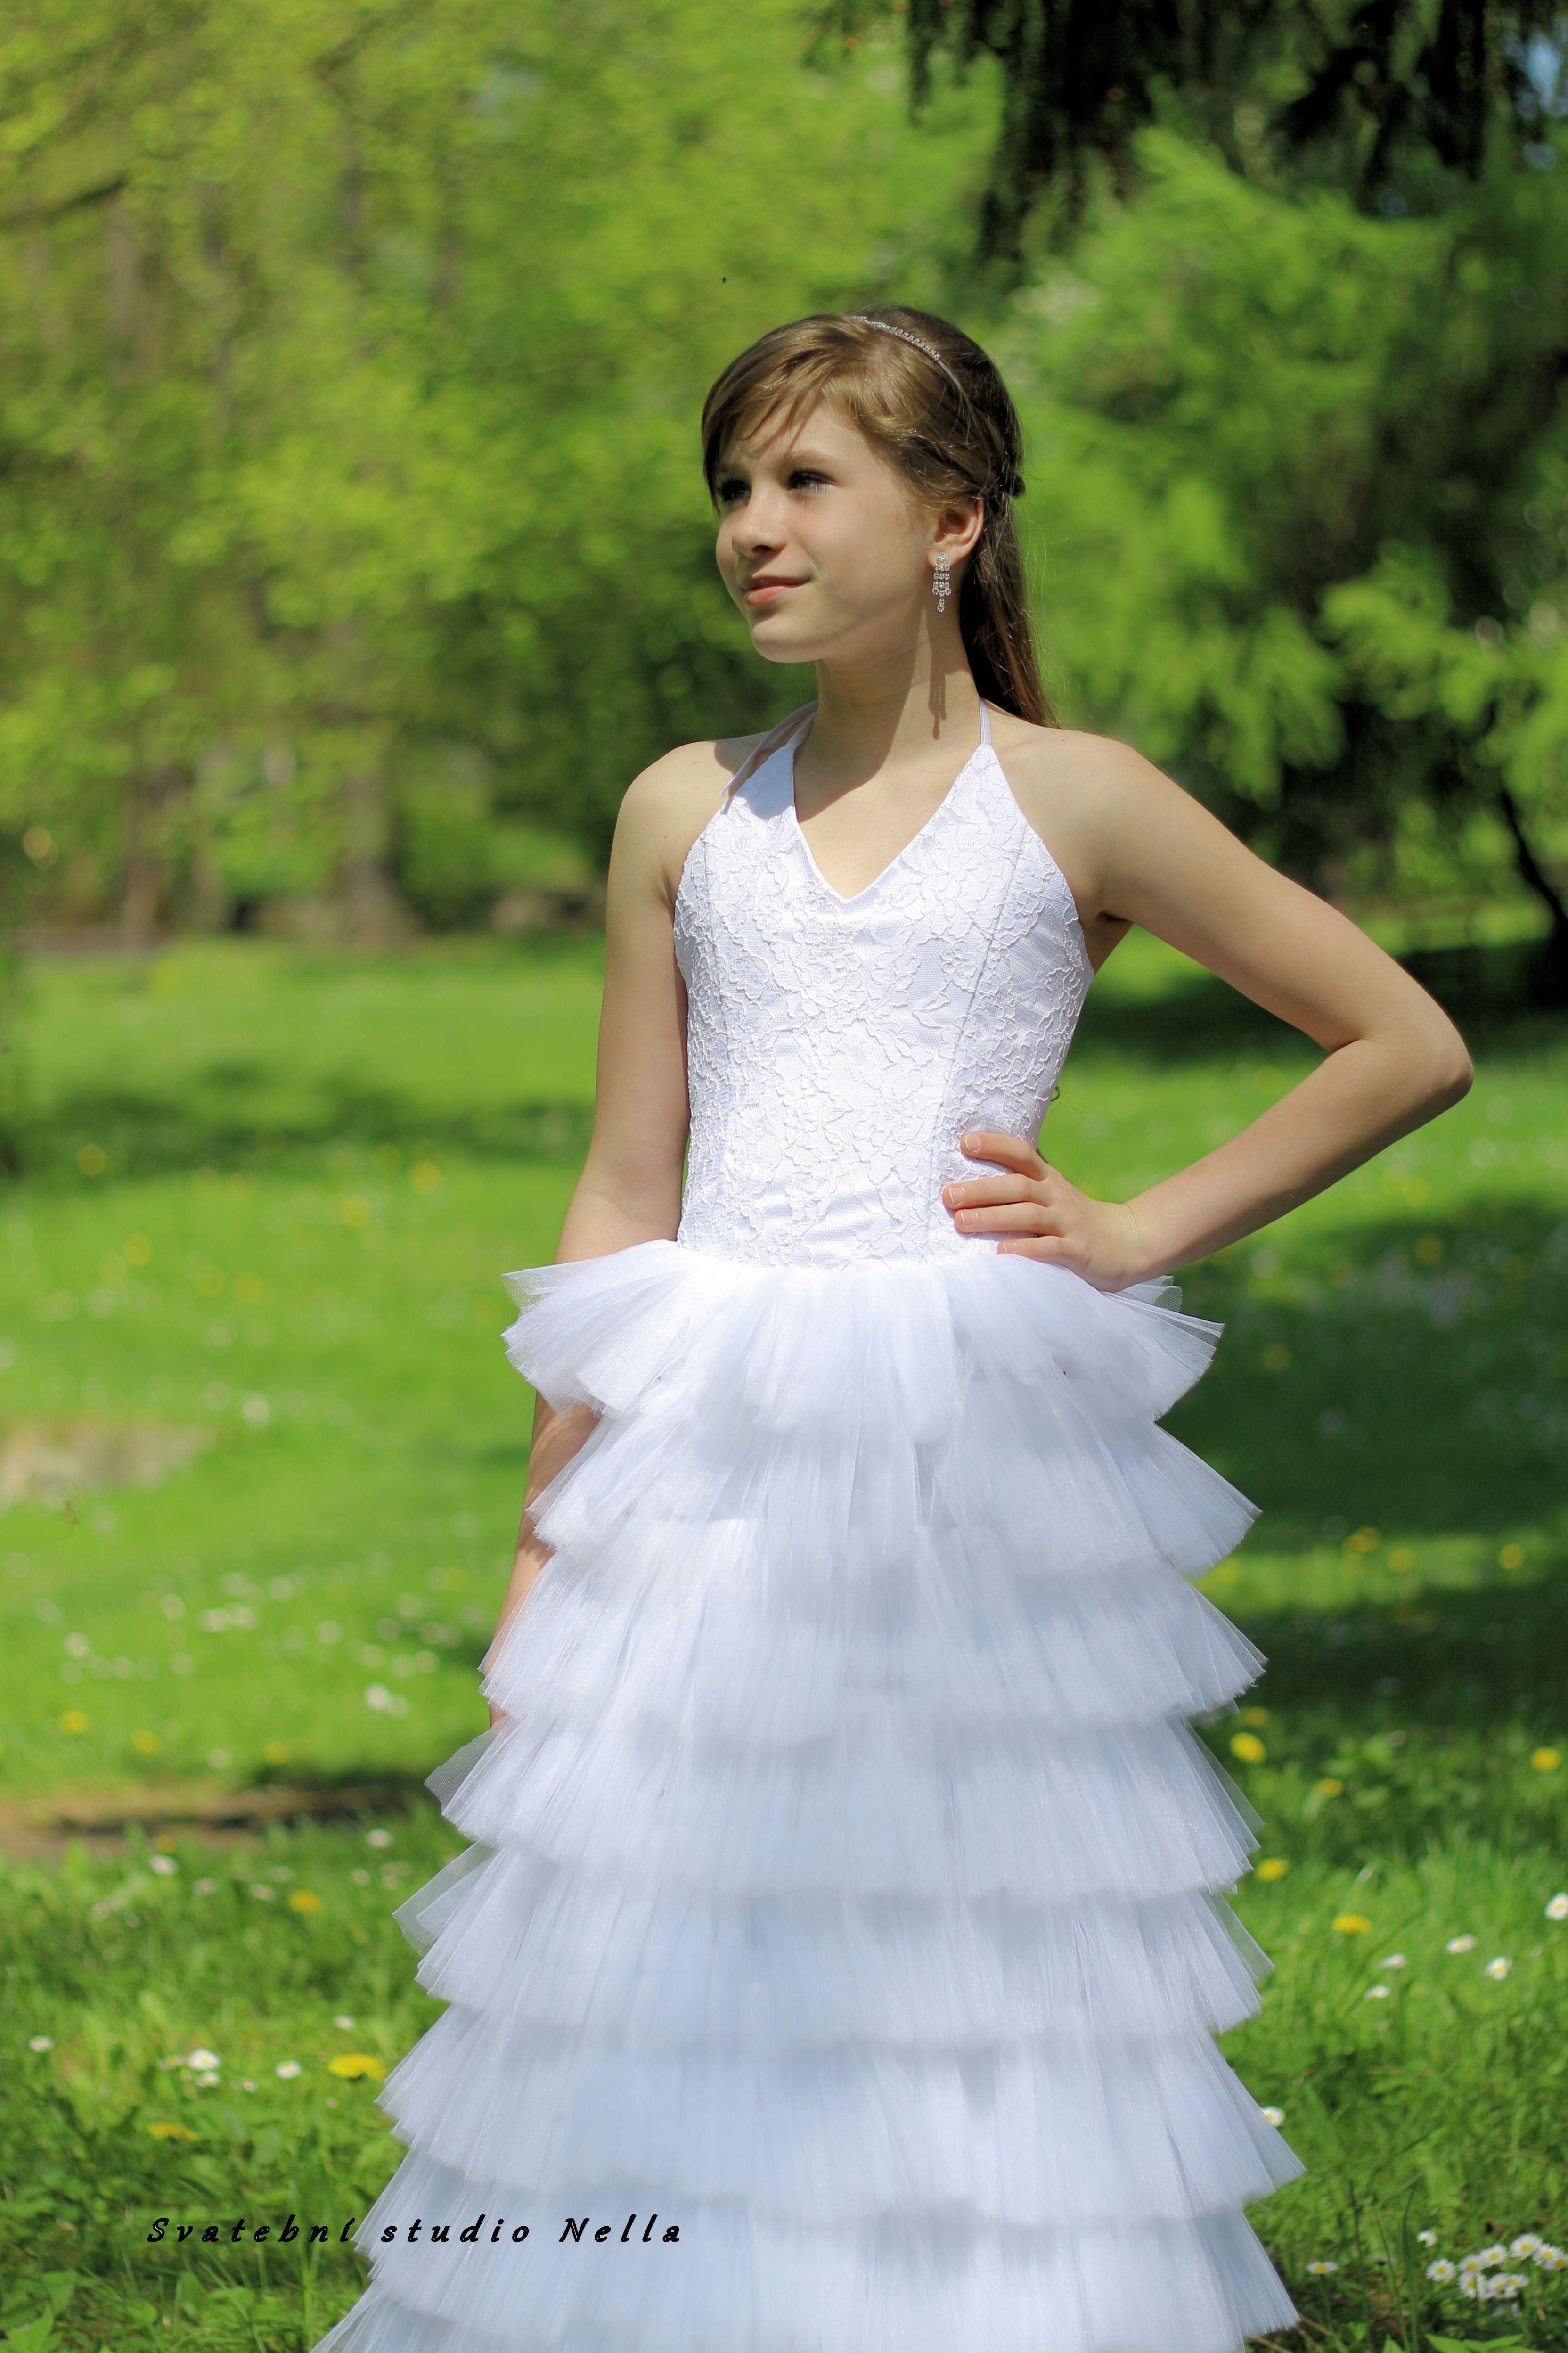 Dětské bílé šaty na svatbu - dětské šaty pro družičky - Půjčovna šatů-  Svatební studio Nella- Česká Lípa 388f8e2e50e